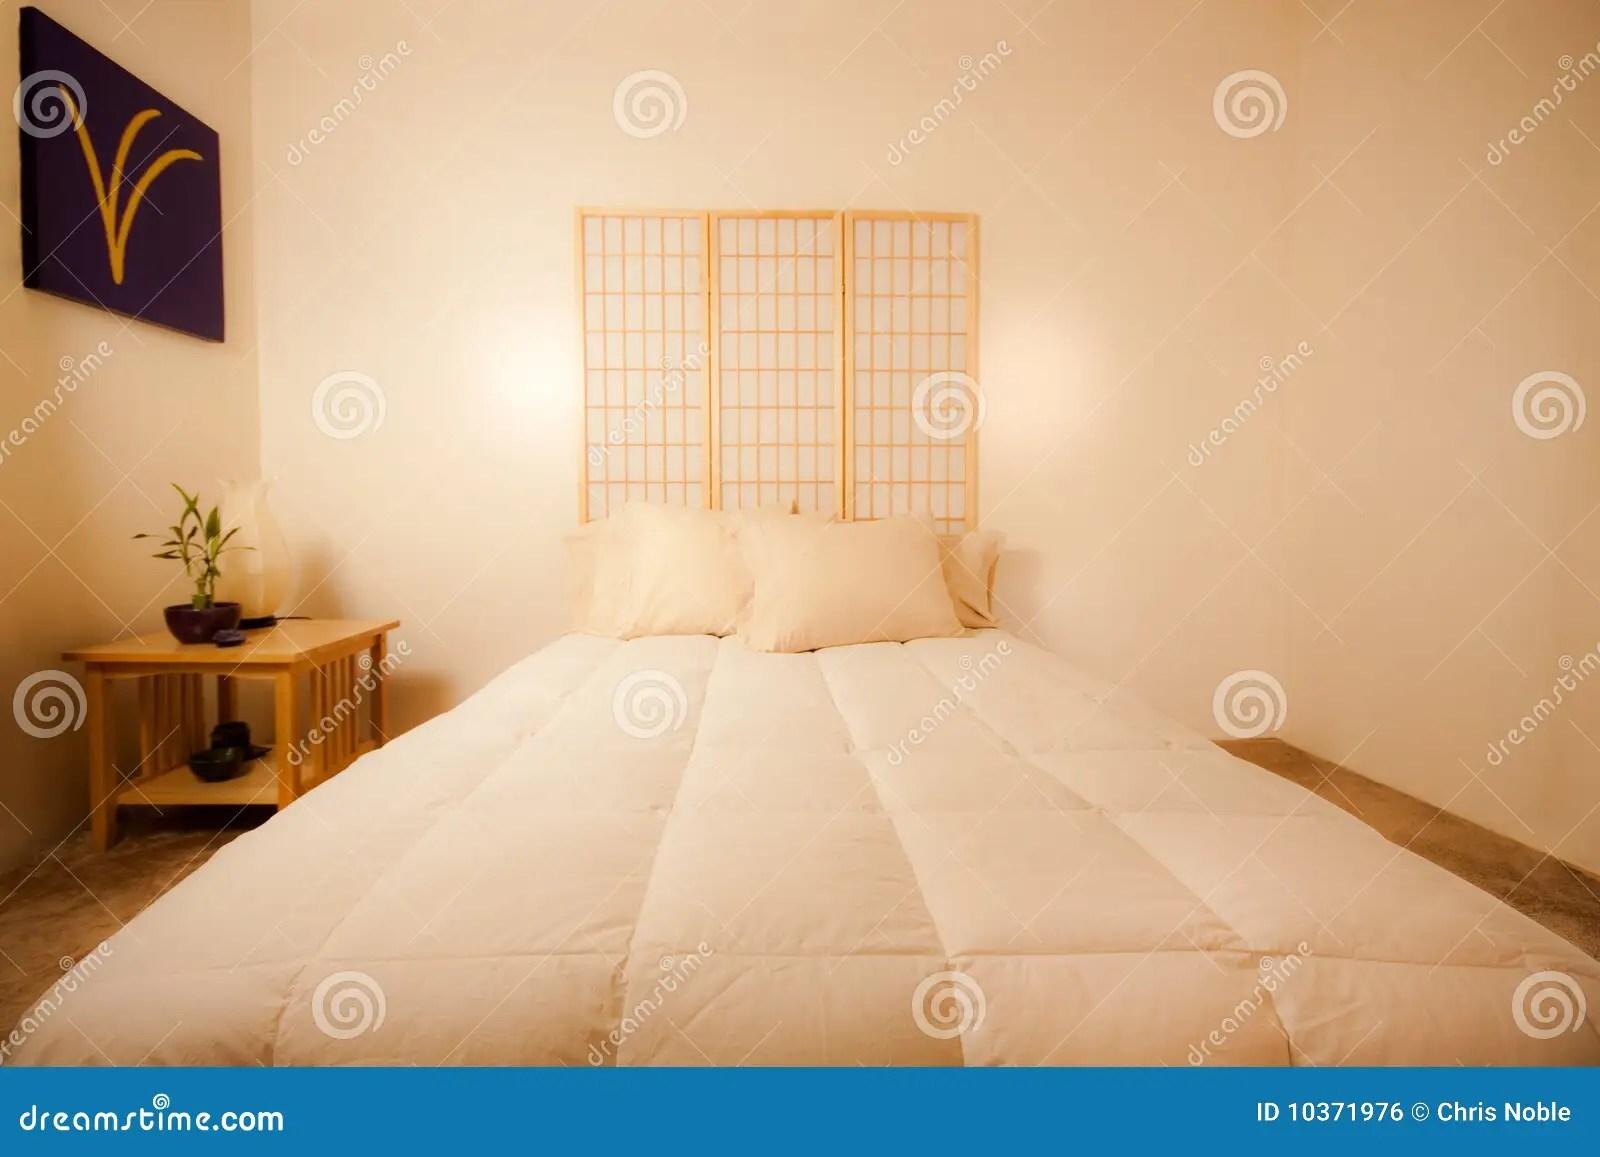 Sei consigli da seguire per arredare la camera da letto seguendo questa antica disciplina, sbloccare i flussi energetici positivi e riposare meglio. Camera Da Letto Di Feng Shui Fotografia Stock Immagine Di Seta Buonanotte 10371976